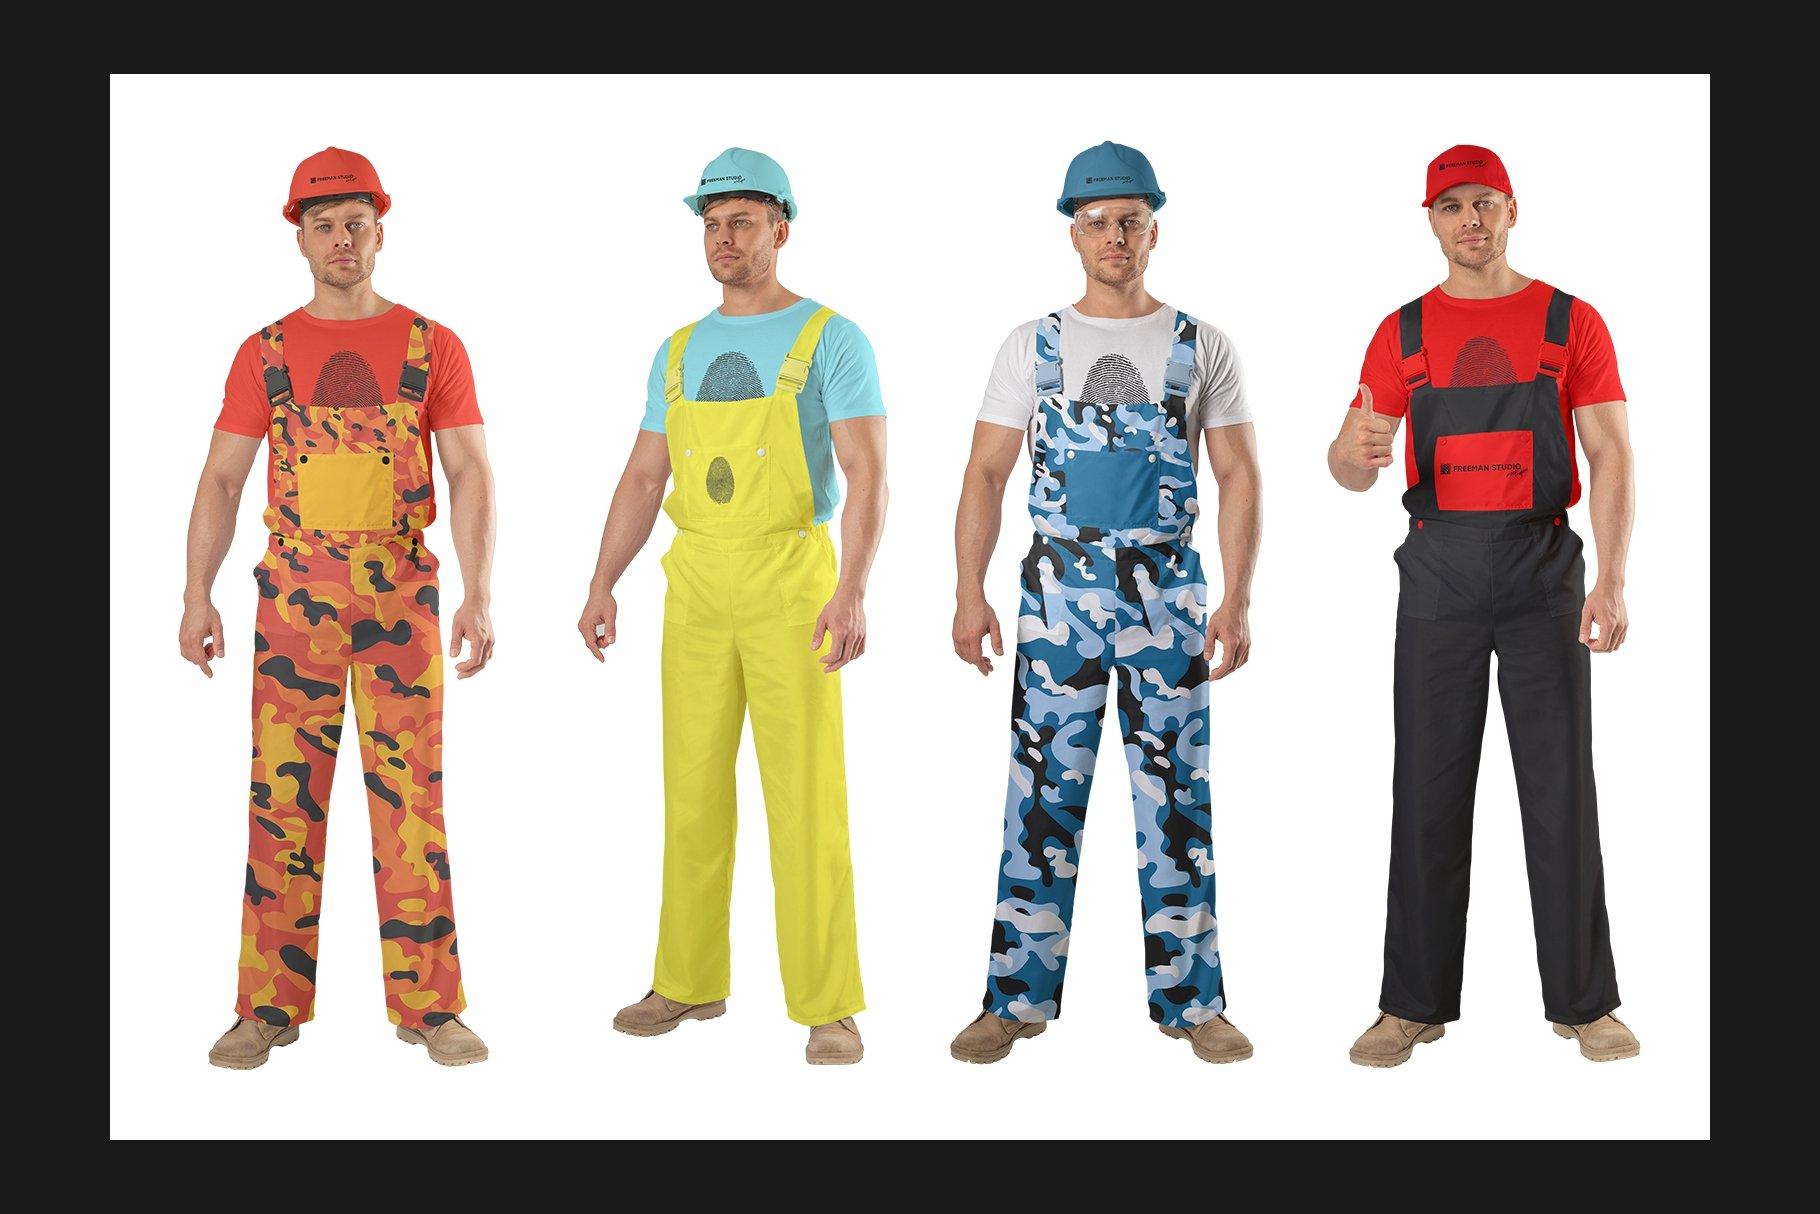 45个超大工装帽子安全帽品牌Logo设计智能贴图样机PSD模版素材 Working Overalls Suit Mock-Up Set插图10